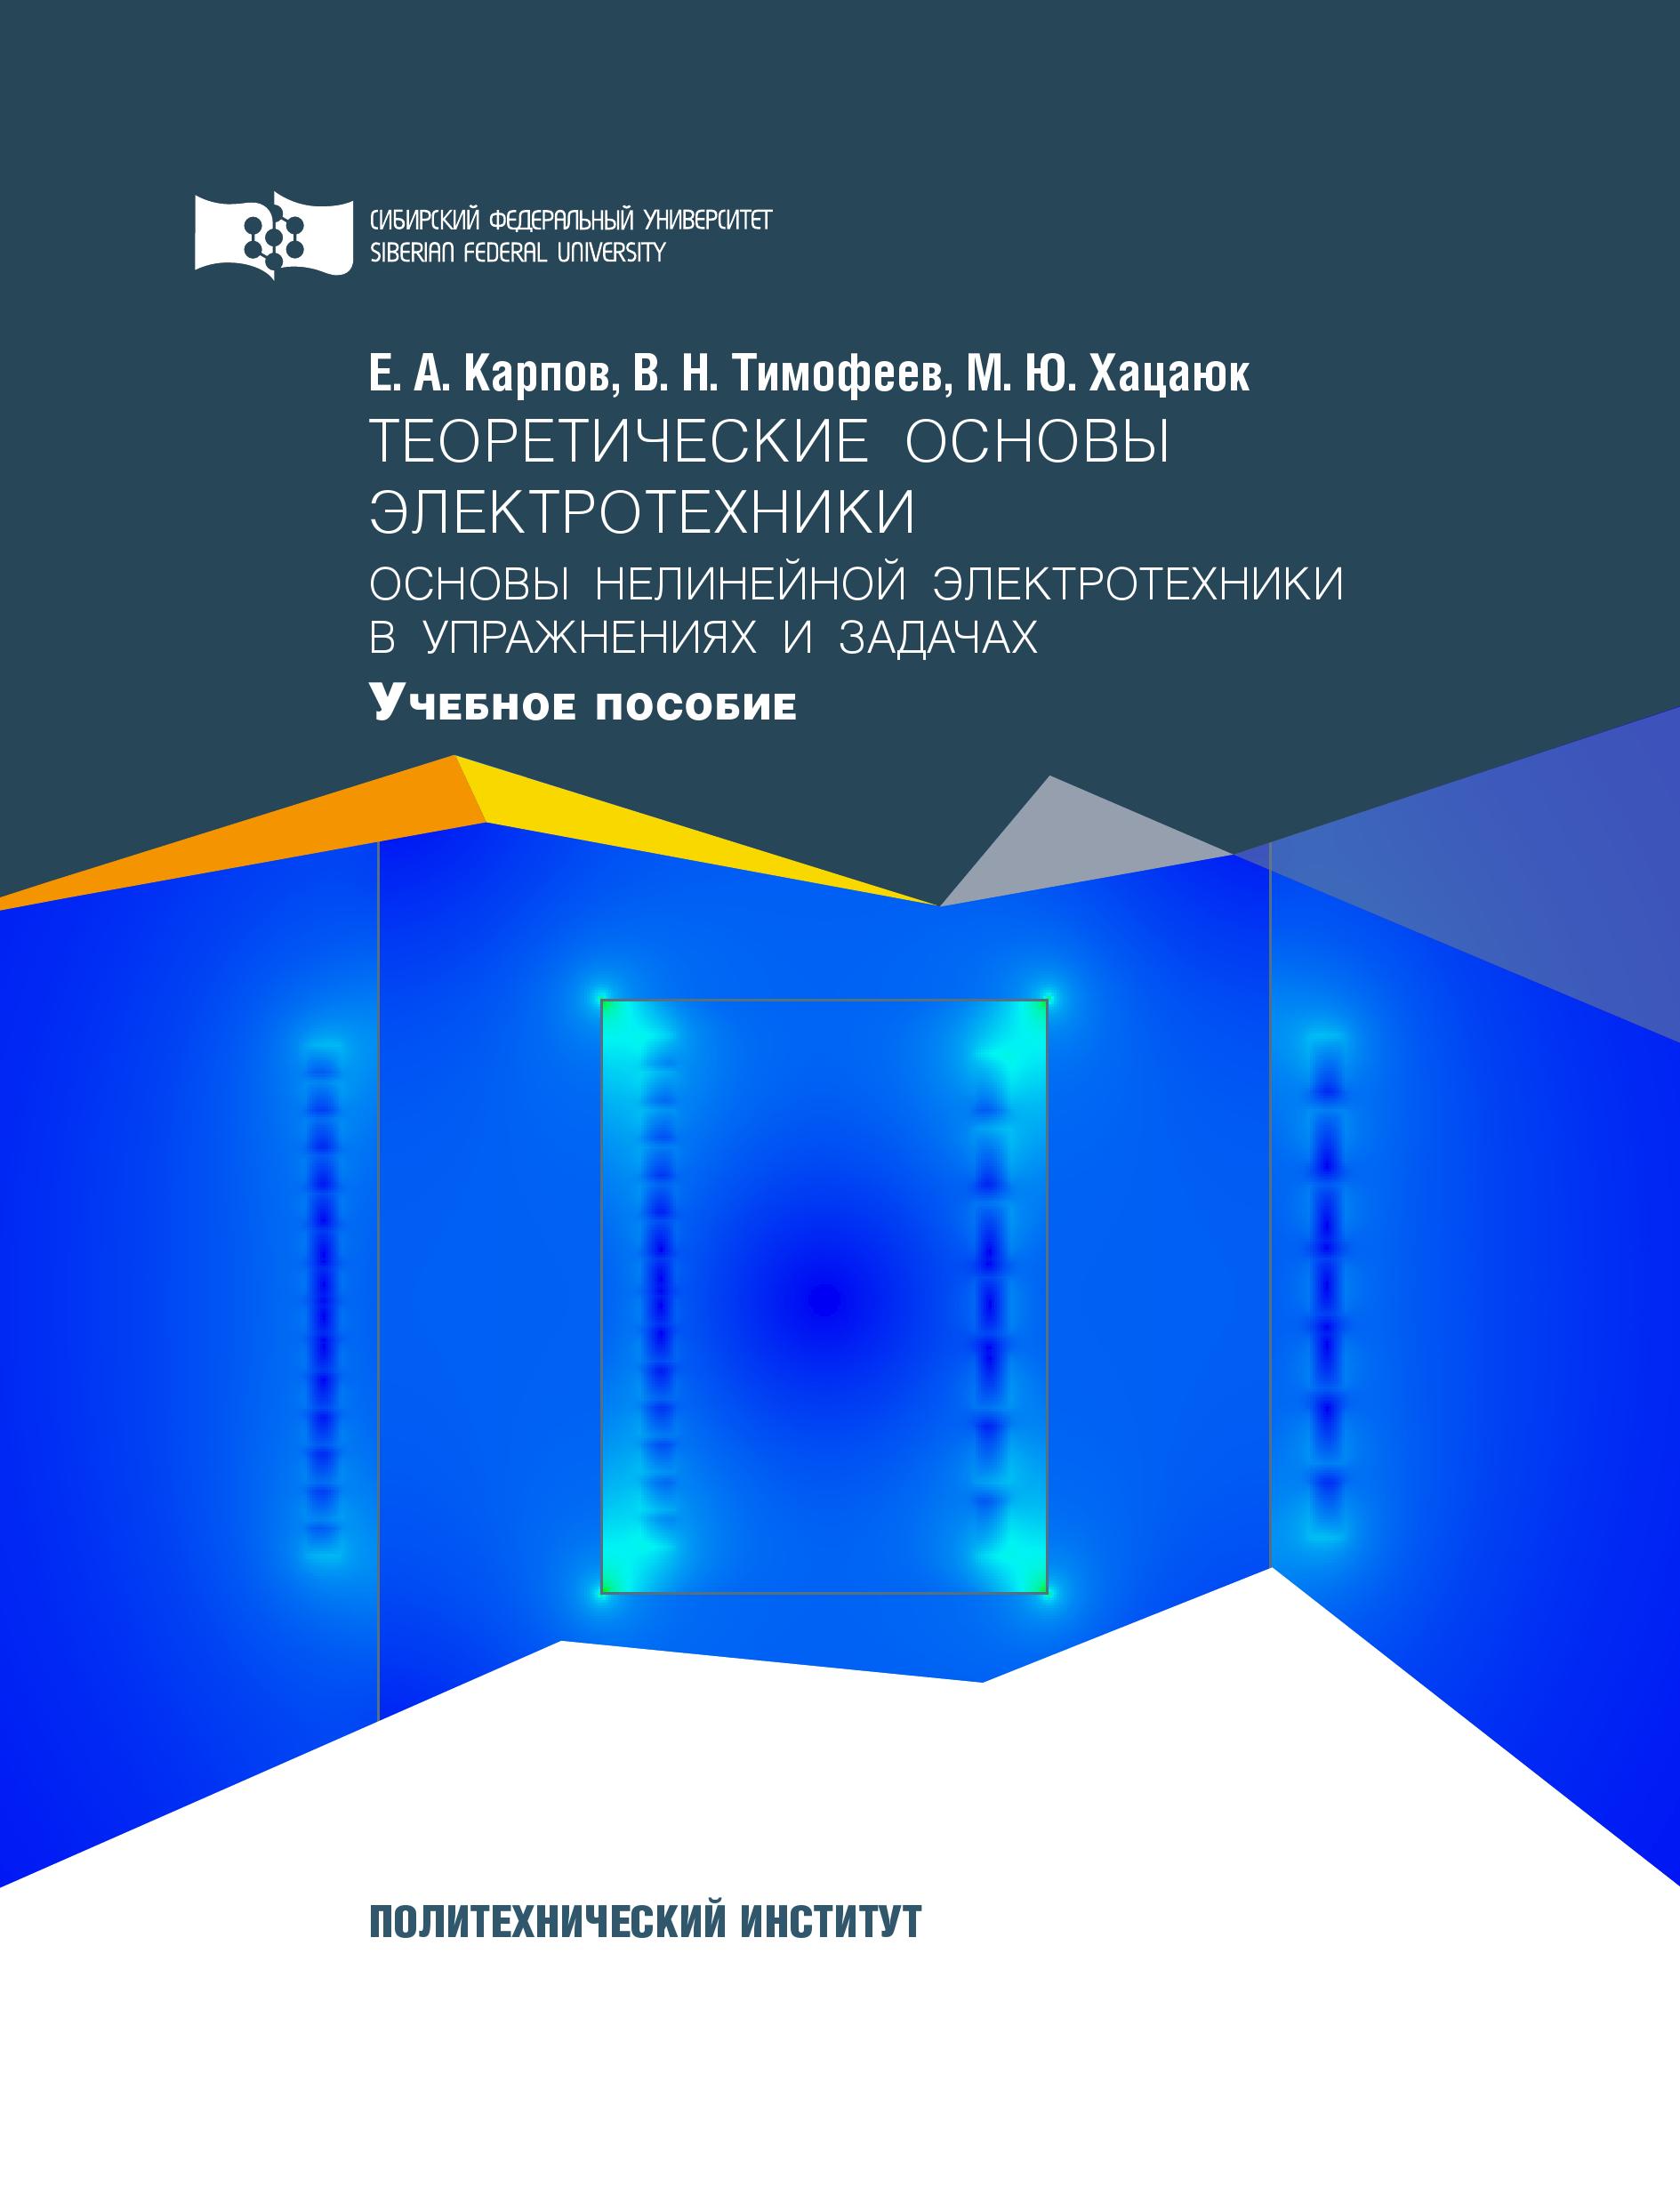 Виктор Тимофеев Теоретические основы электротехники. Основы нелинейной электротехники в упражнениях и задачах евсеев м теоретические основы электротехники